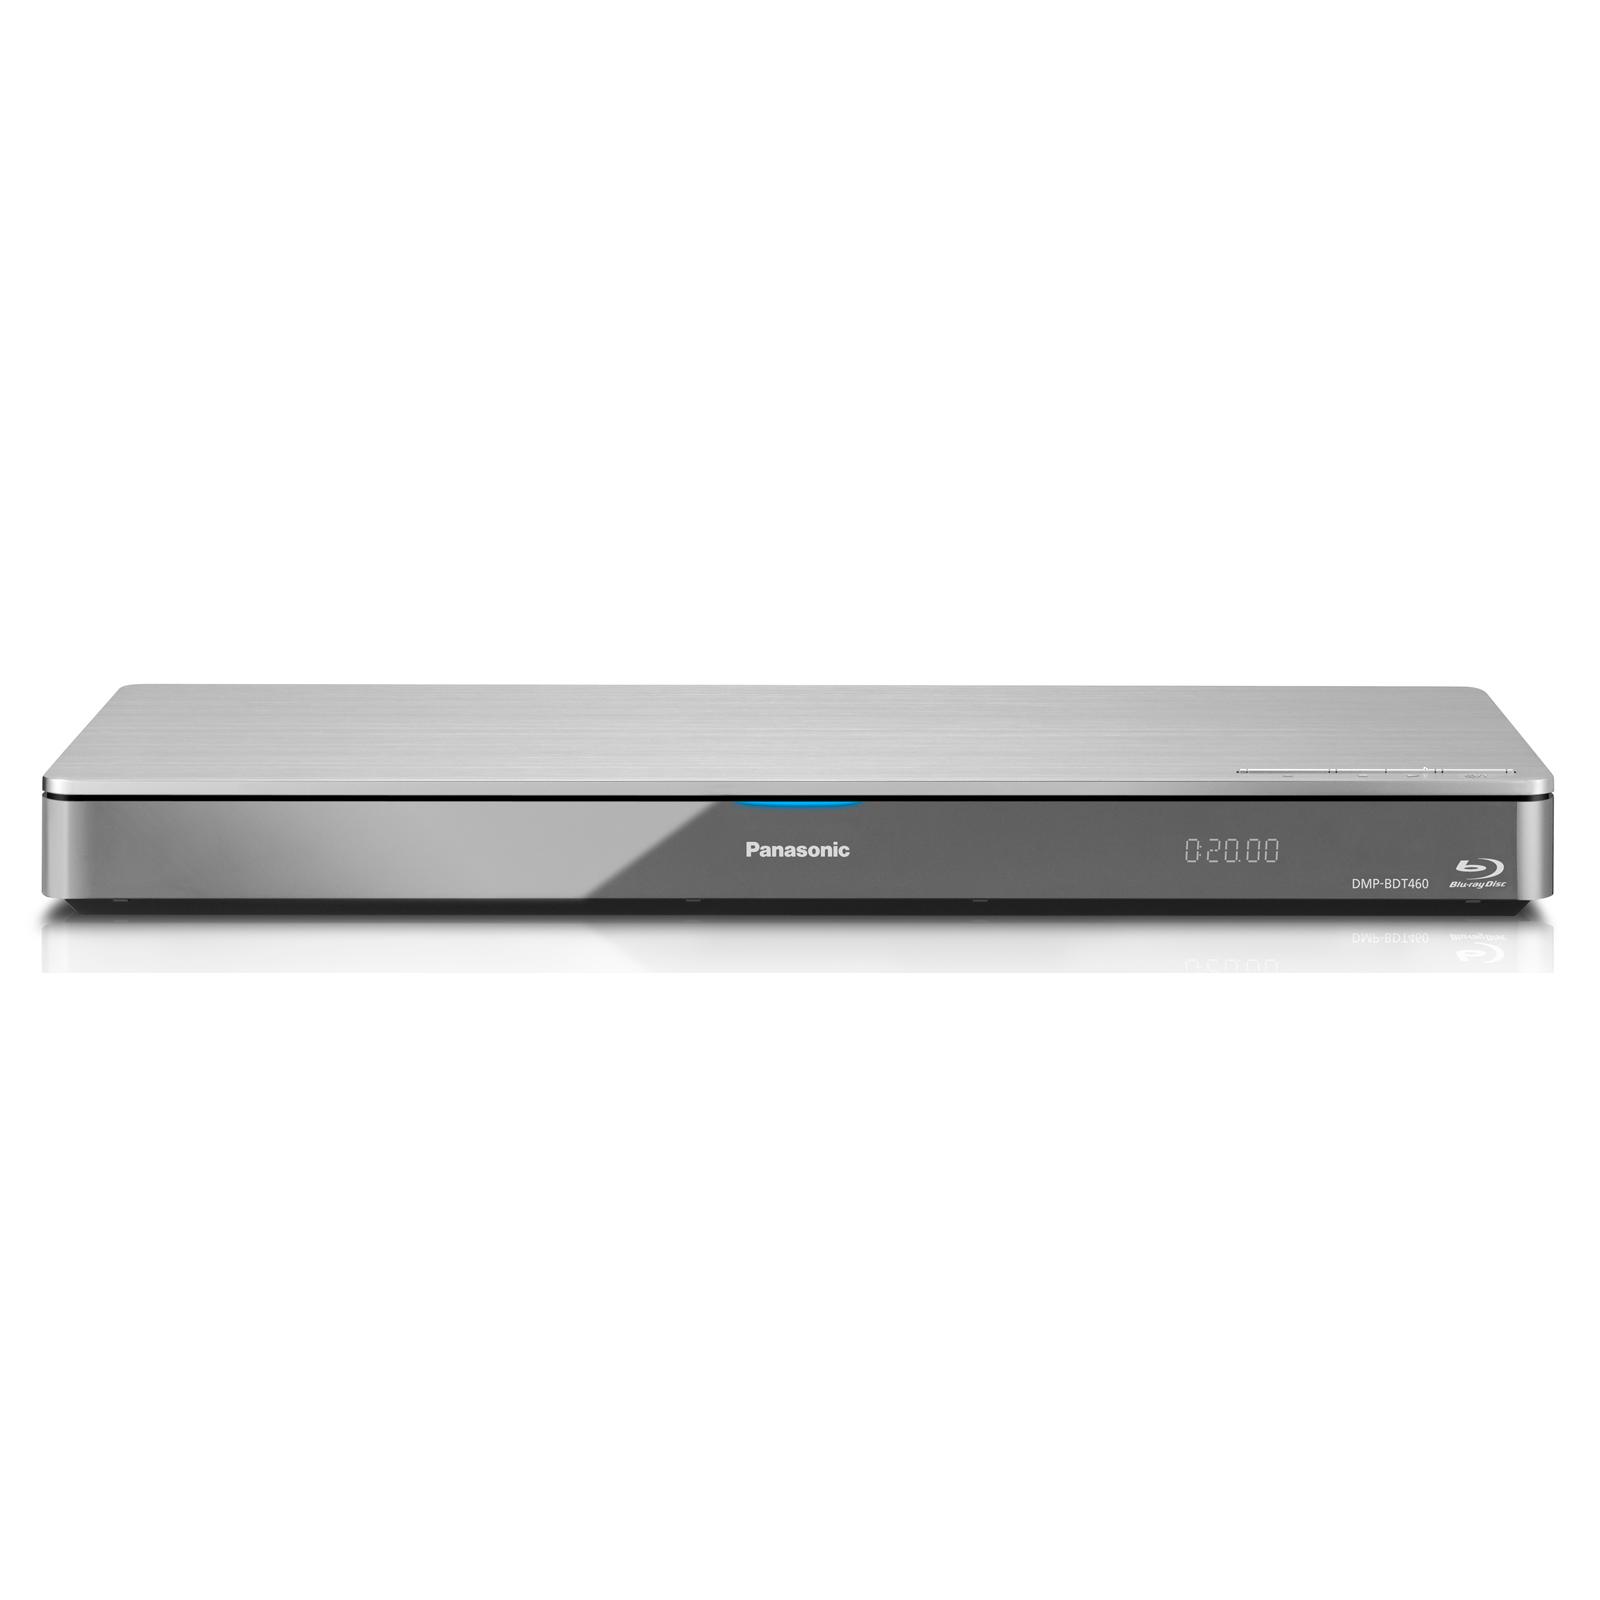 Lecteur Blu Ray Panasonic DMP-BDT460EG Lecteur Blu-ray 3D compatible Wi-Fi 4K, DLNA et double HDMI